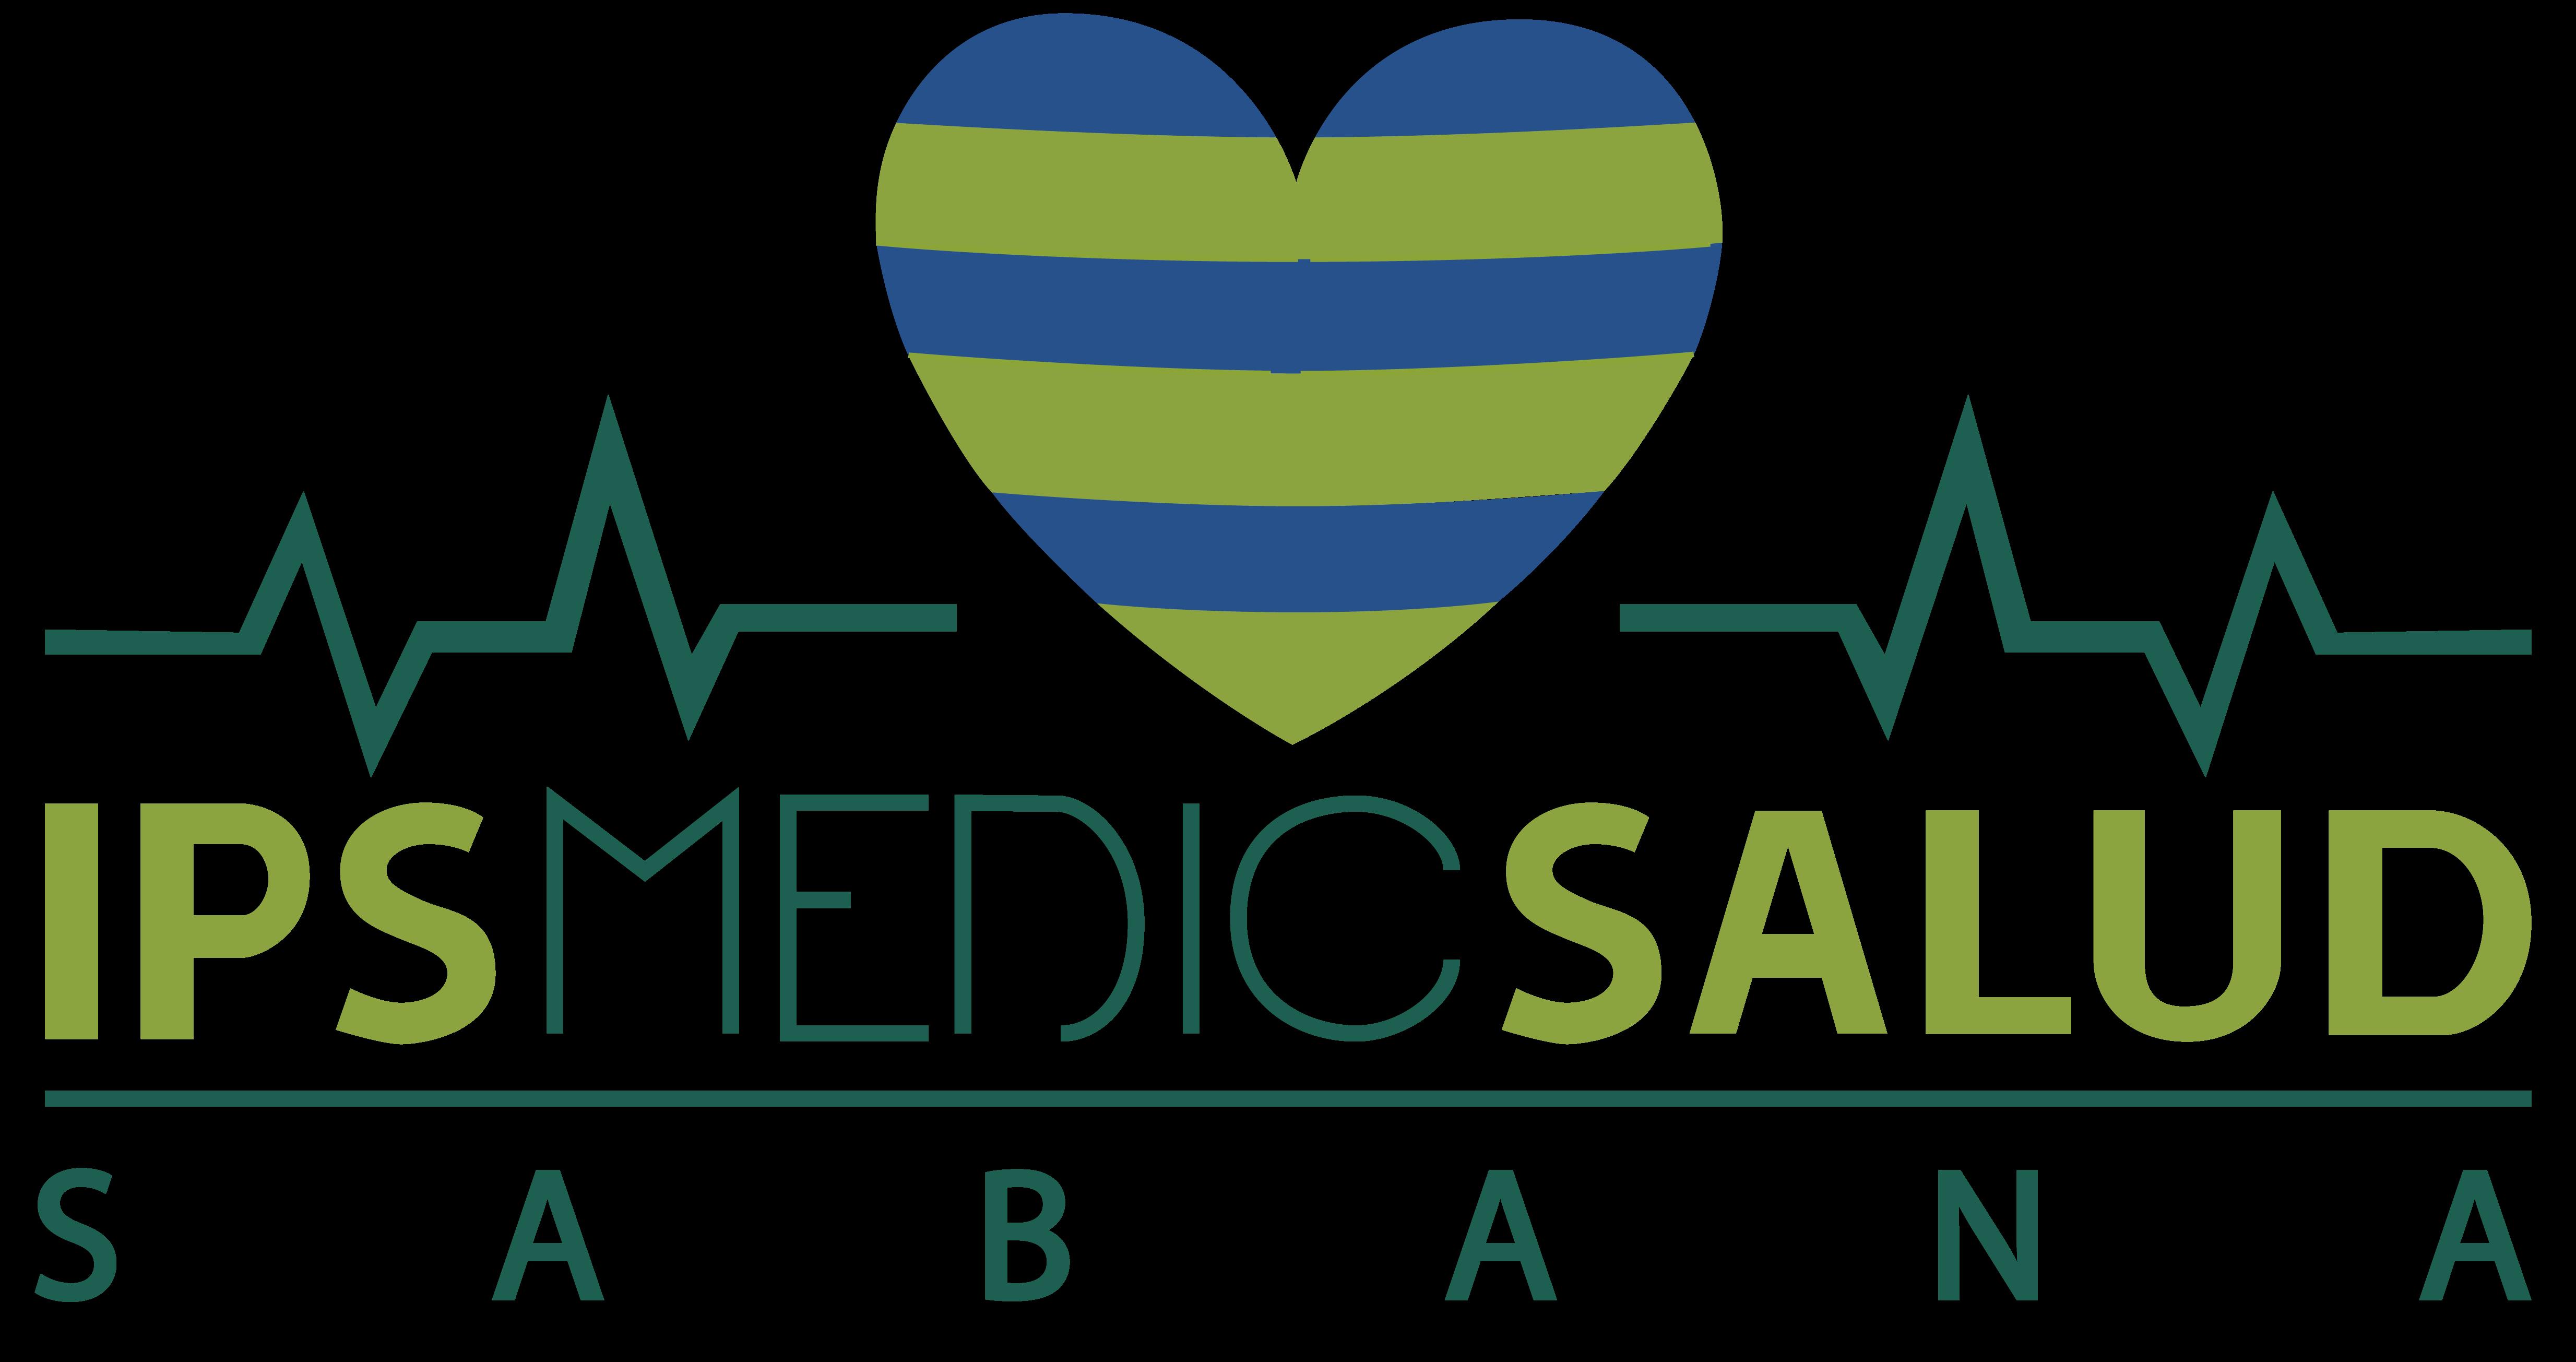 IPS MedicSalud Sabana